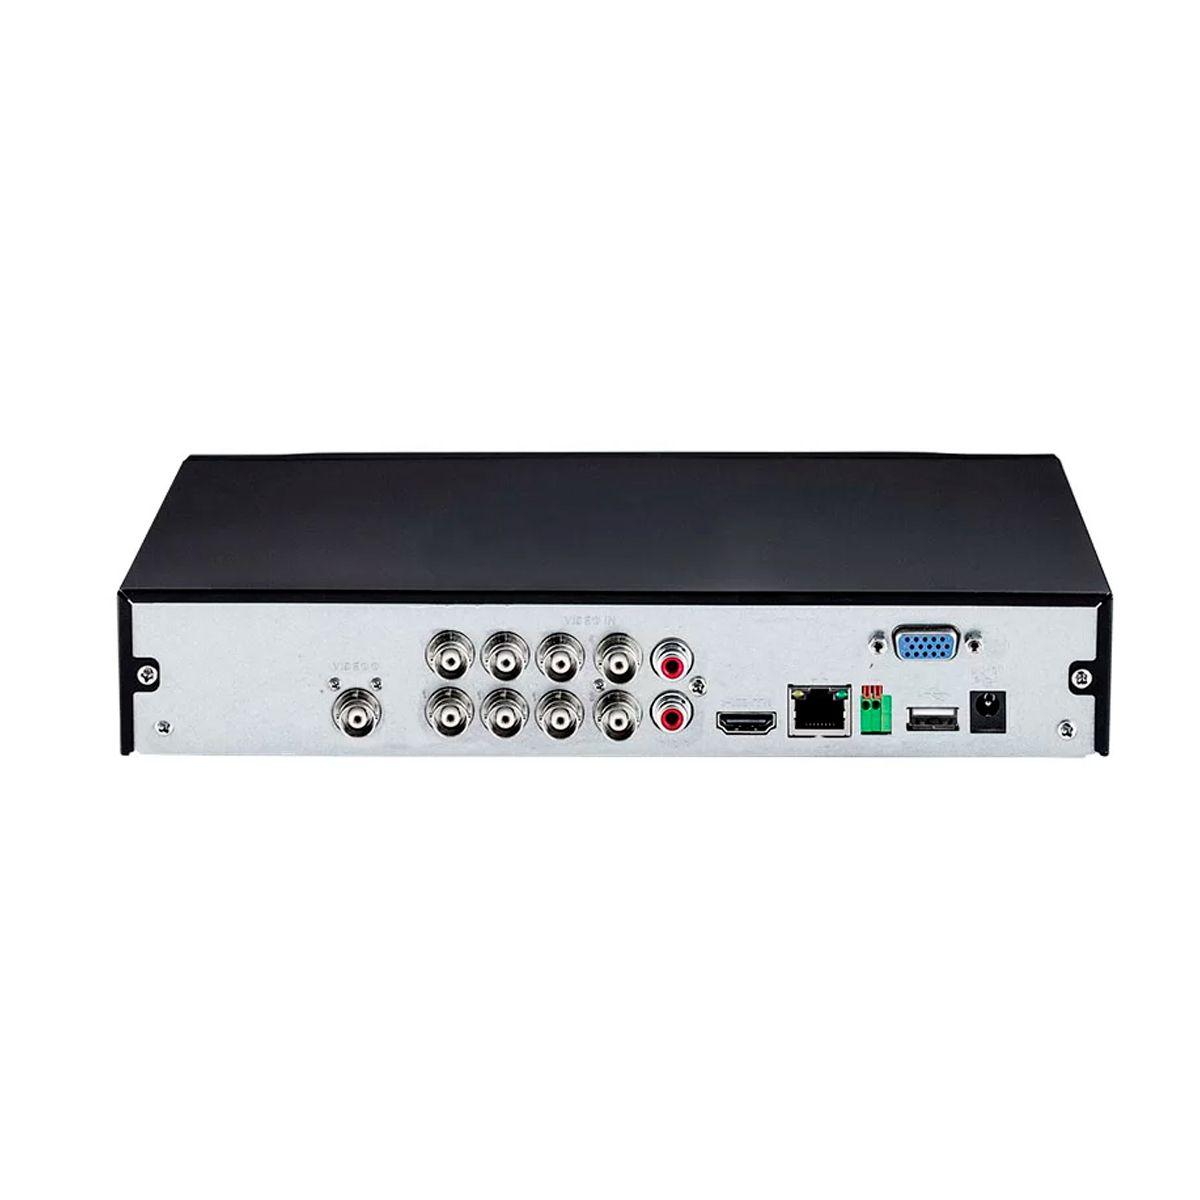 Kit 8 Câmeras VHD 1010 B G5 + DVR Intelbras + HD 1TB para Armazenamento + App Grátis de Monitoramento, Câmeras HD 720p 10m Infravermelho de Visão Noturna Intelbras + Fonte, Cabos e Acessórios  - Tudo Forte